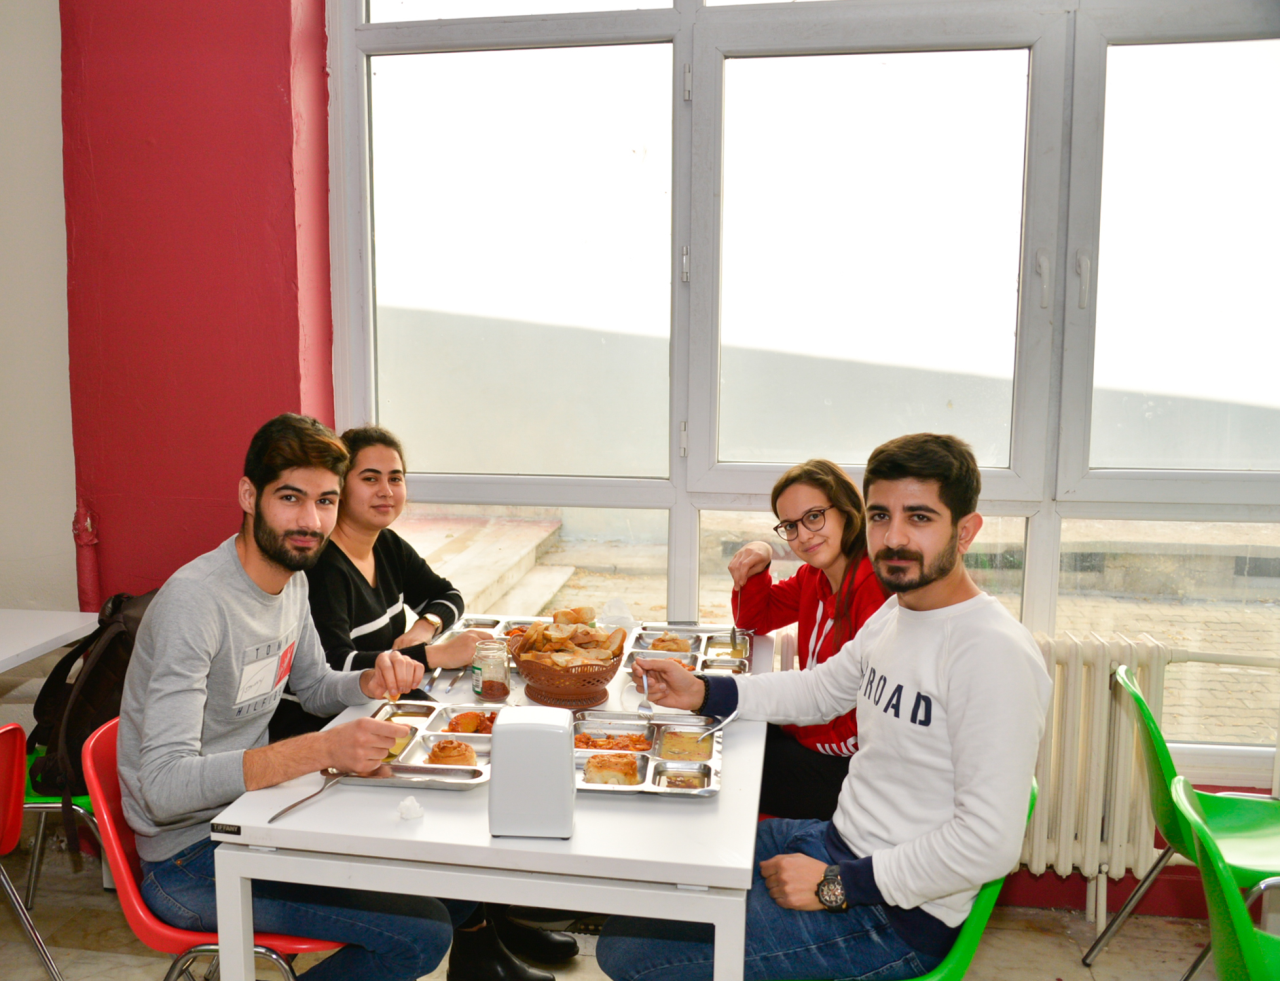 Rektör Çiçek, Öğrencilerle Yemek Yedi